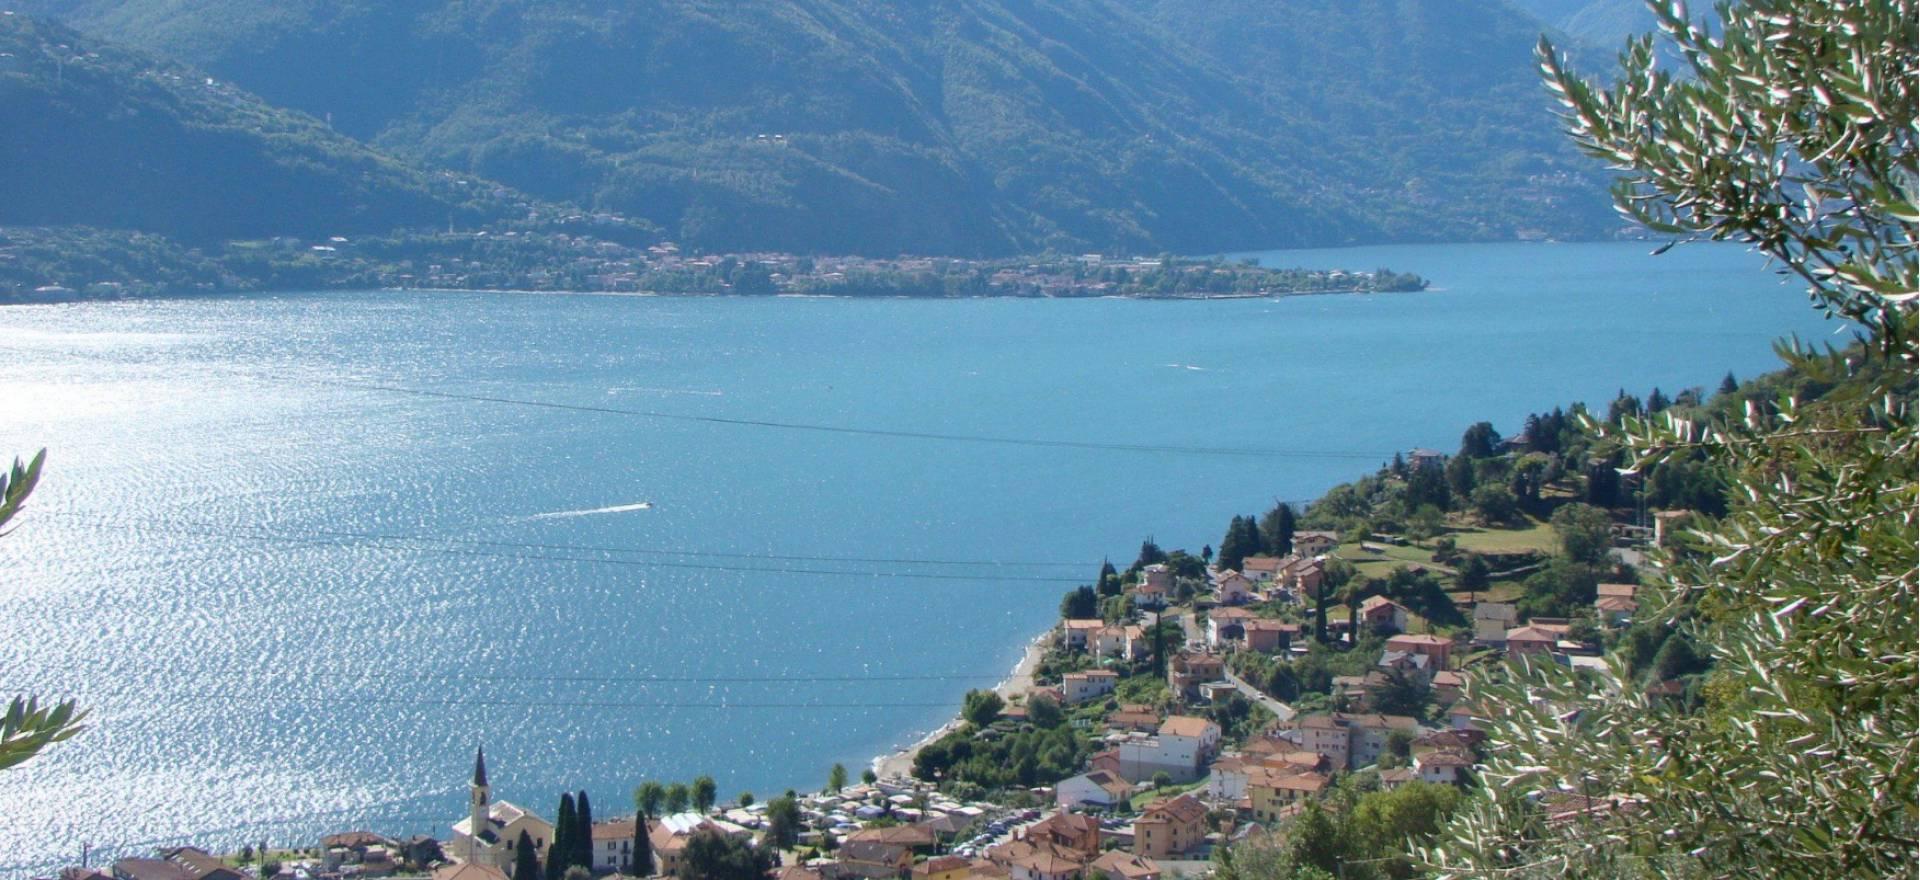 Agriturismo Lago di Como e lago di Garda Agriturismo di lusso, piscina vista lago di Como!